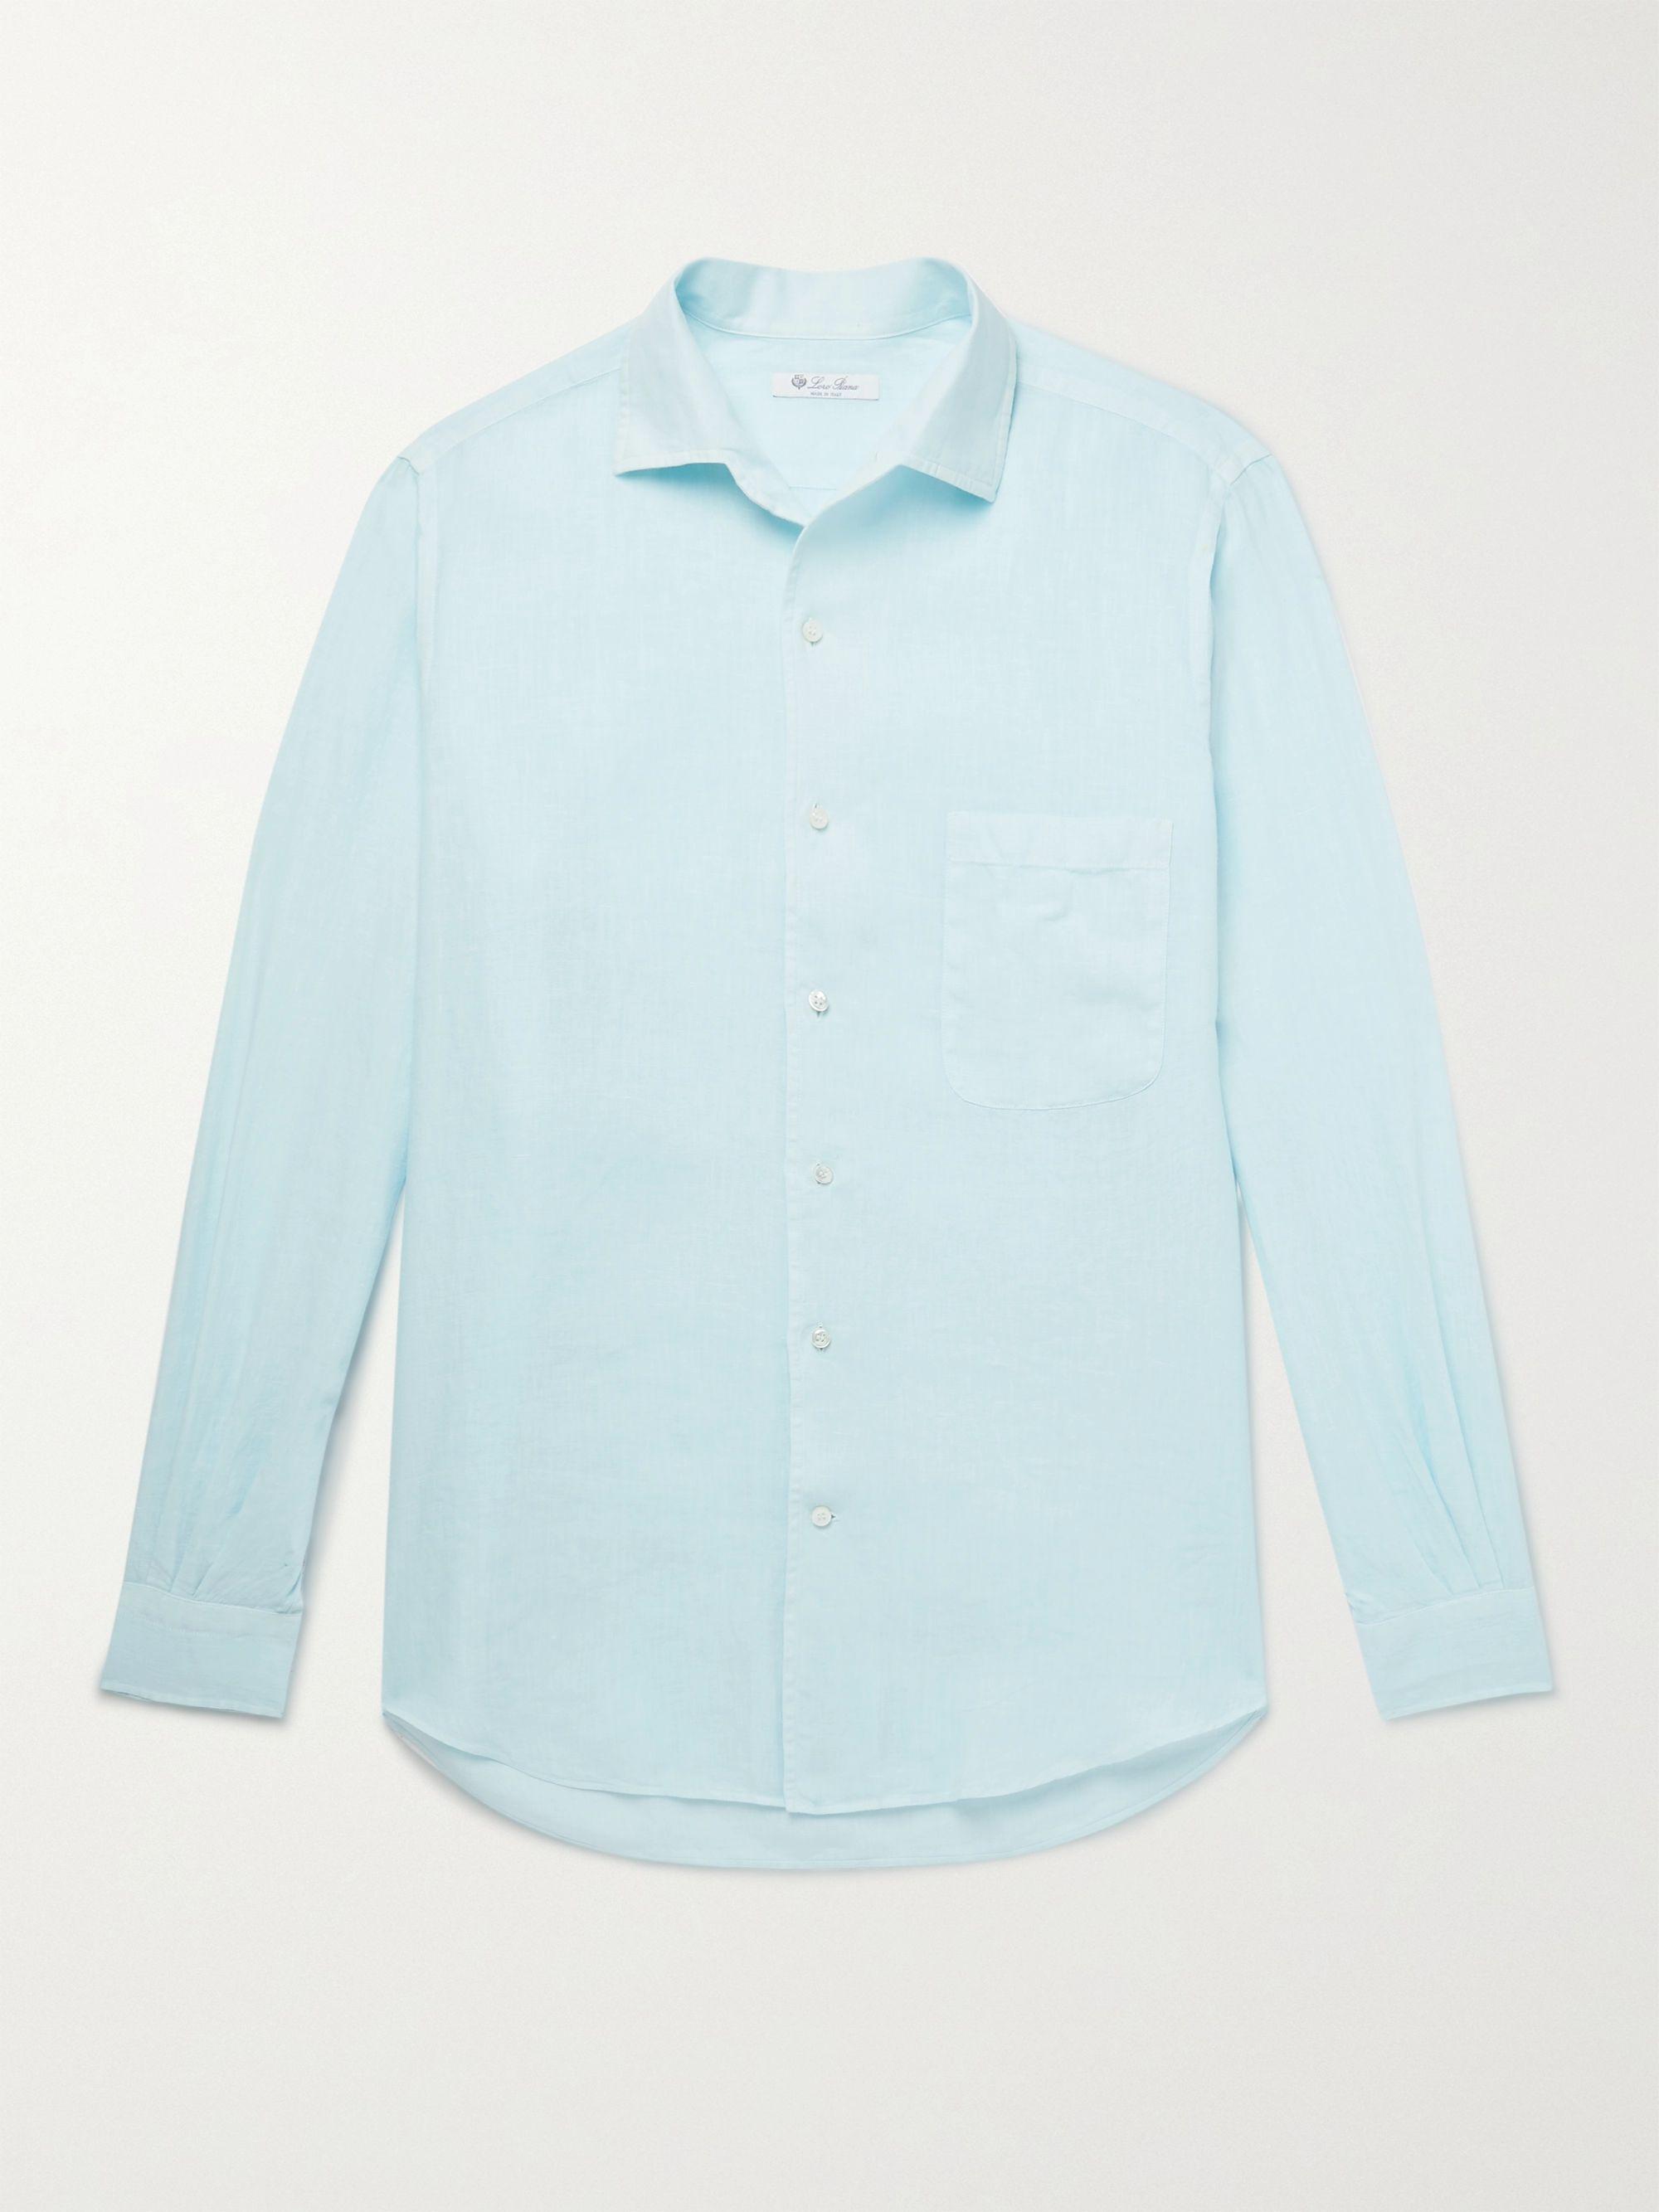 LORO PIANA Linen Shirt,Light blue